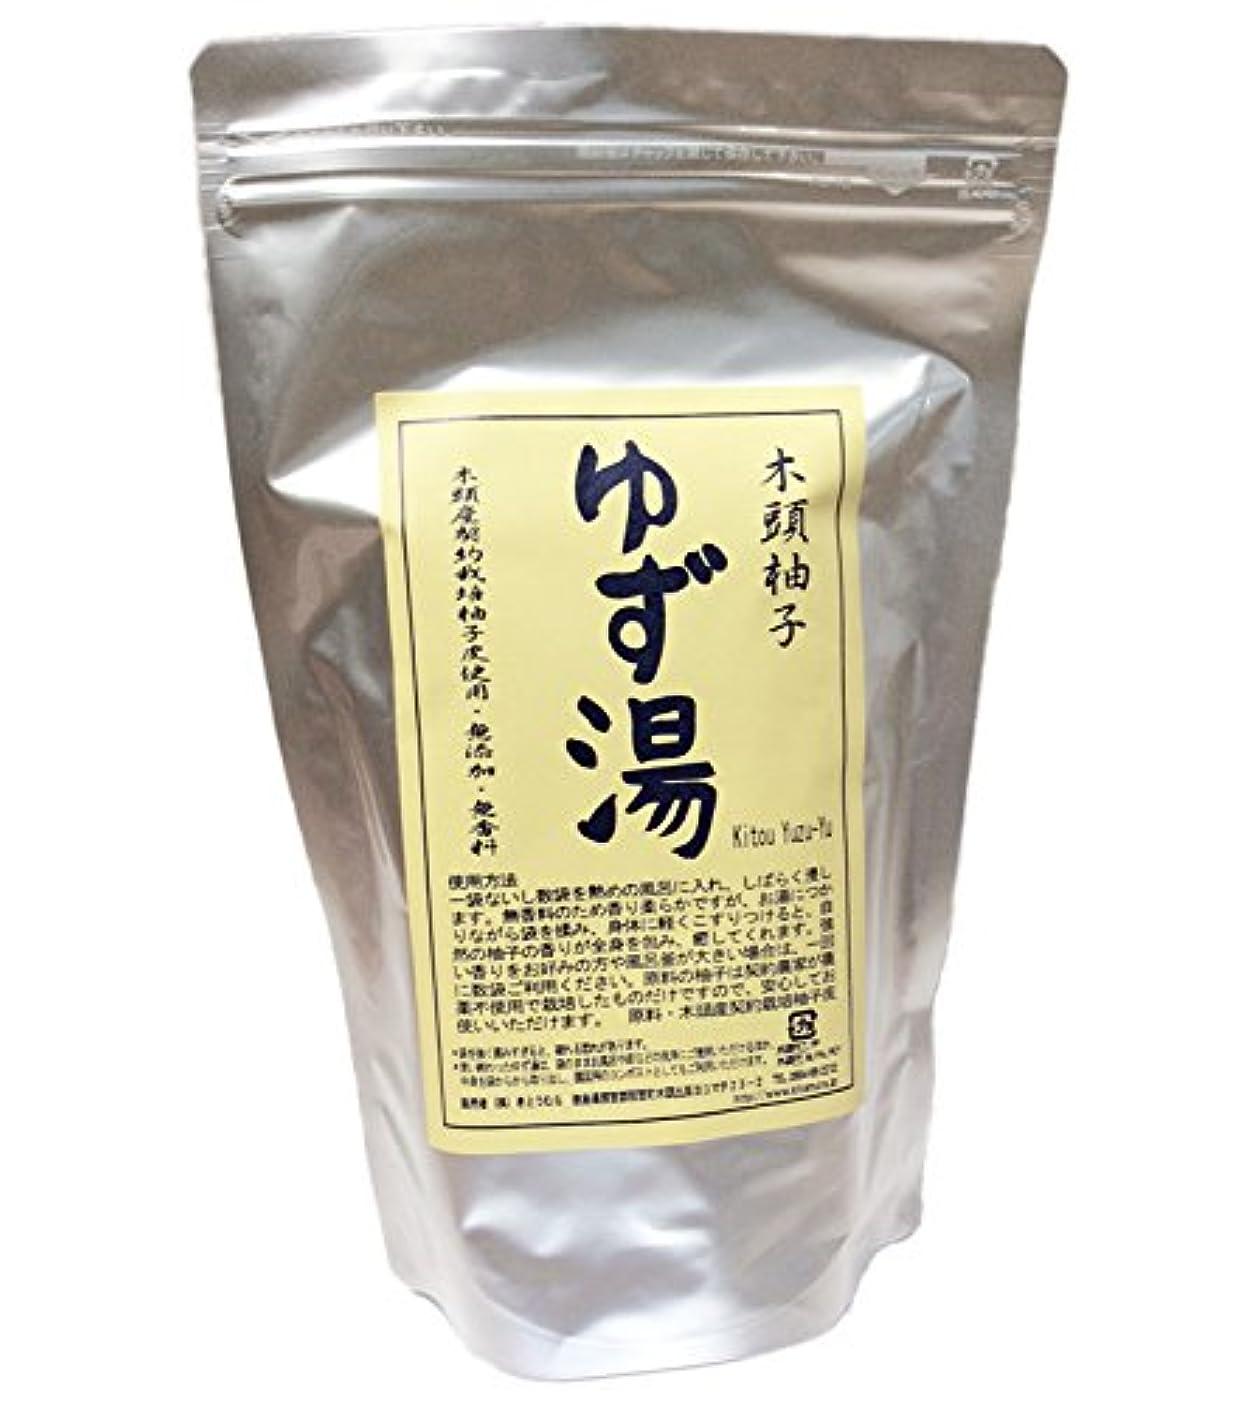 不愉快に肥沃な作りますきとうむら オーガニック 木頭柚子ゆず湯 (徳用) 30g×15パック入